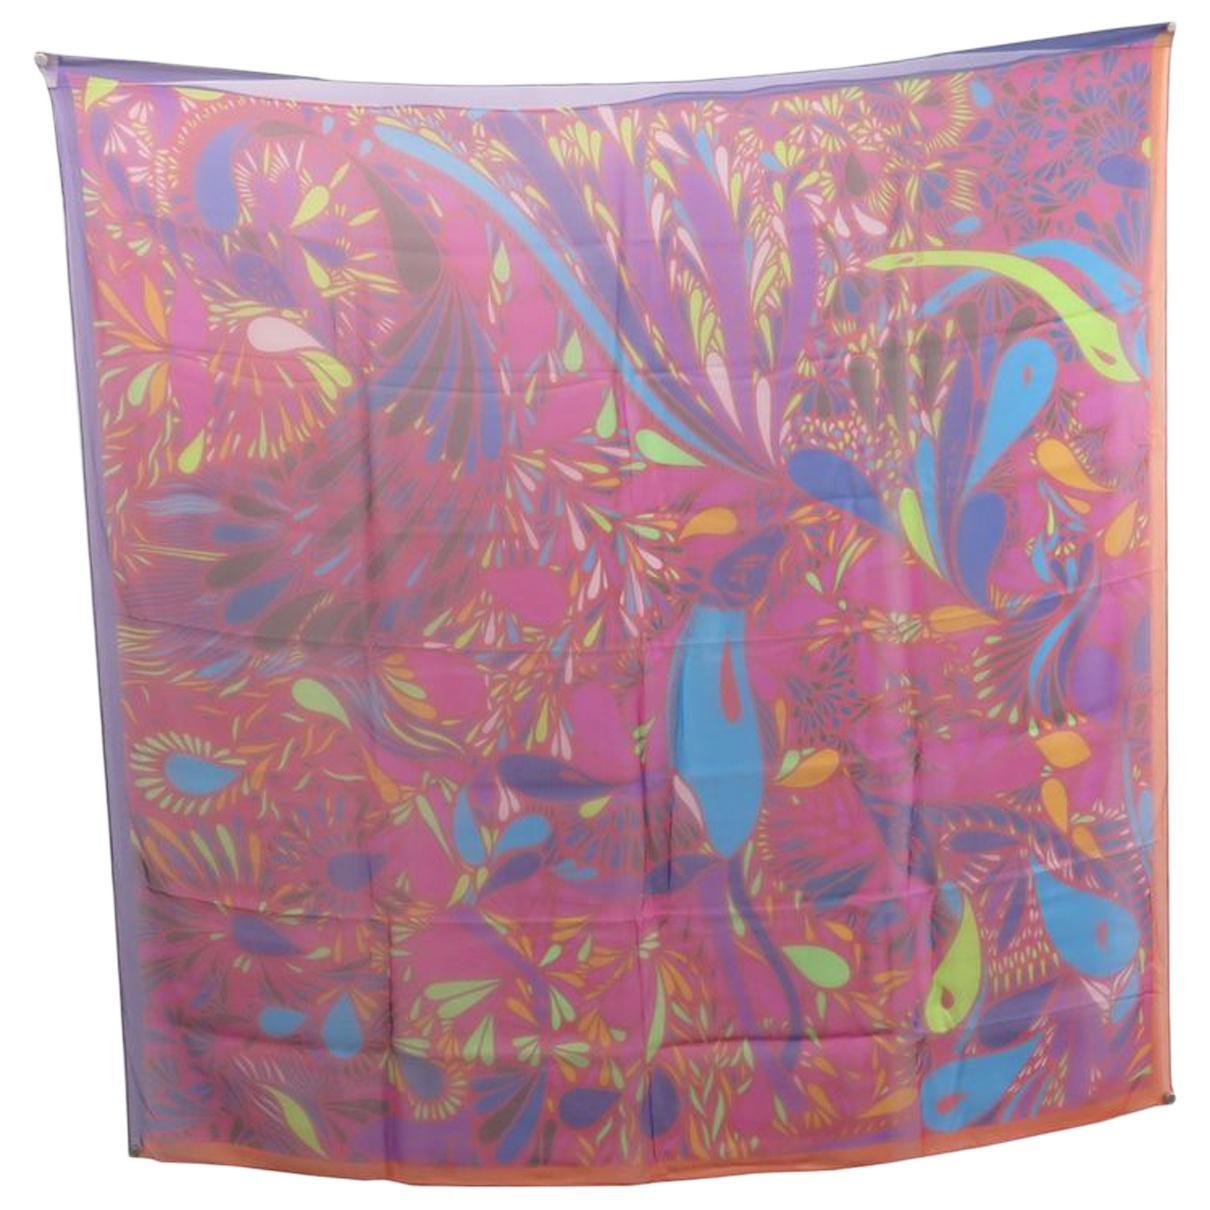 0628a68bd3 Foulard Carré Géant en soie Hermès en coloris Rose - Lyst